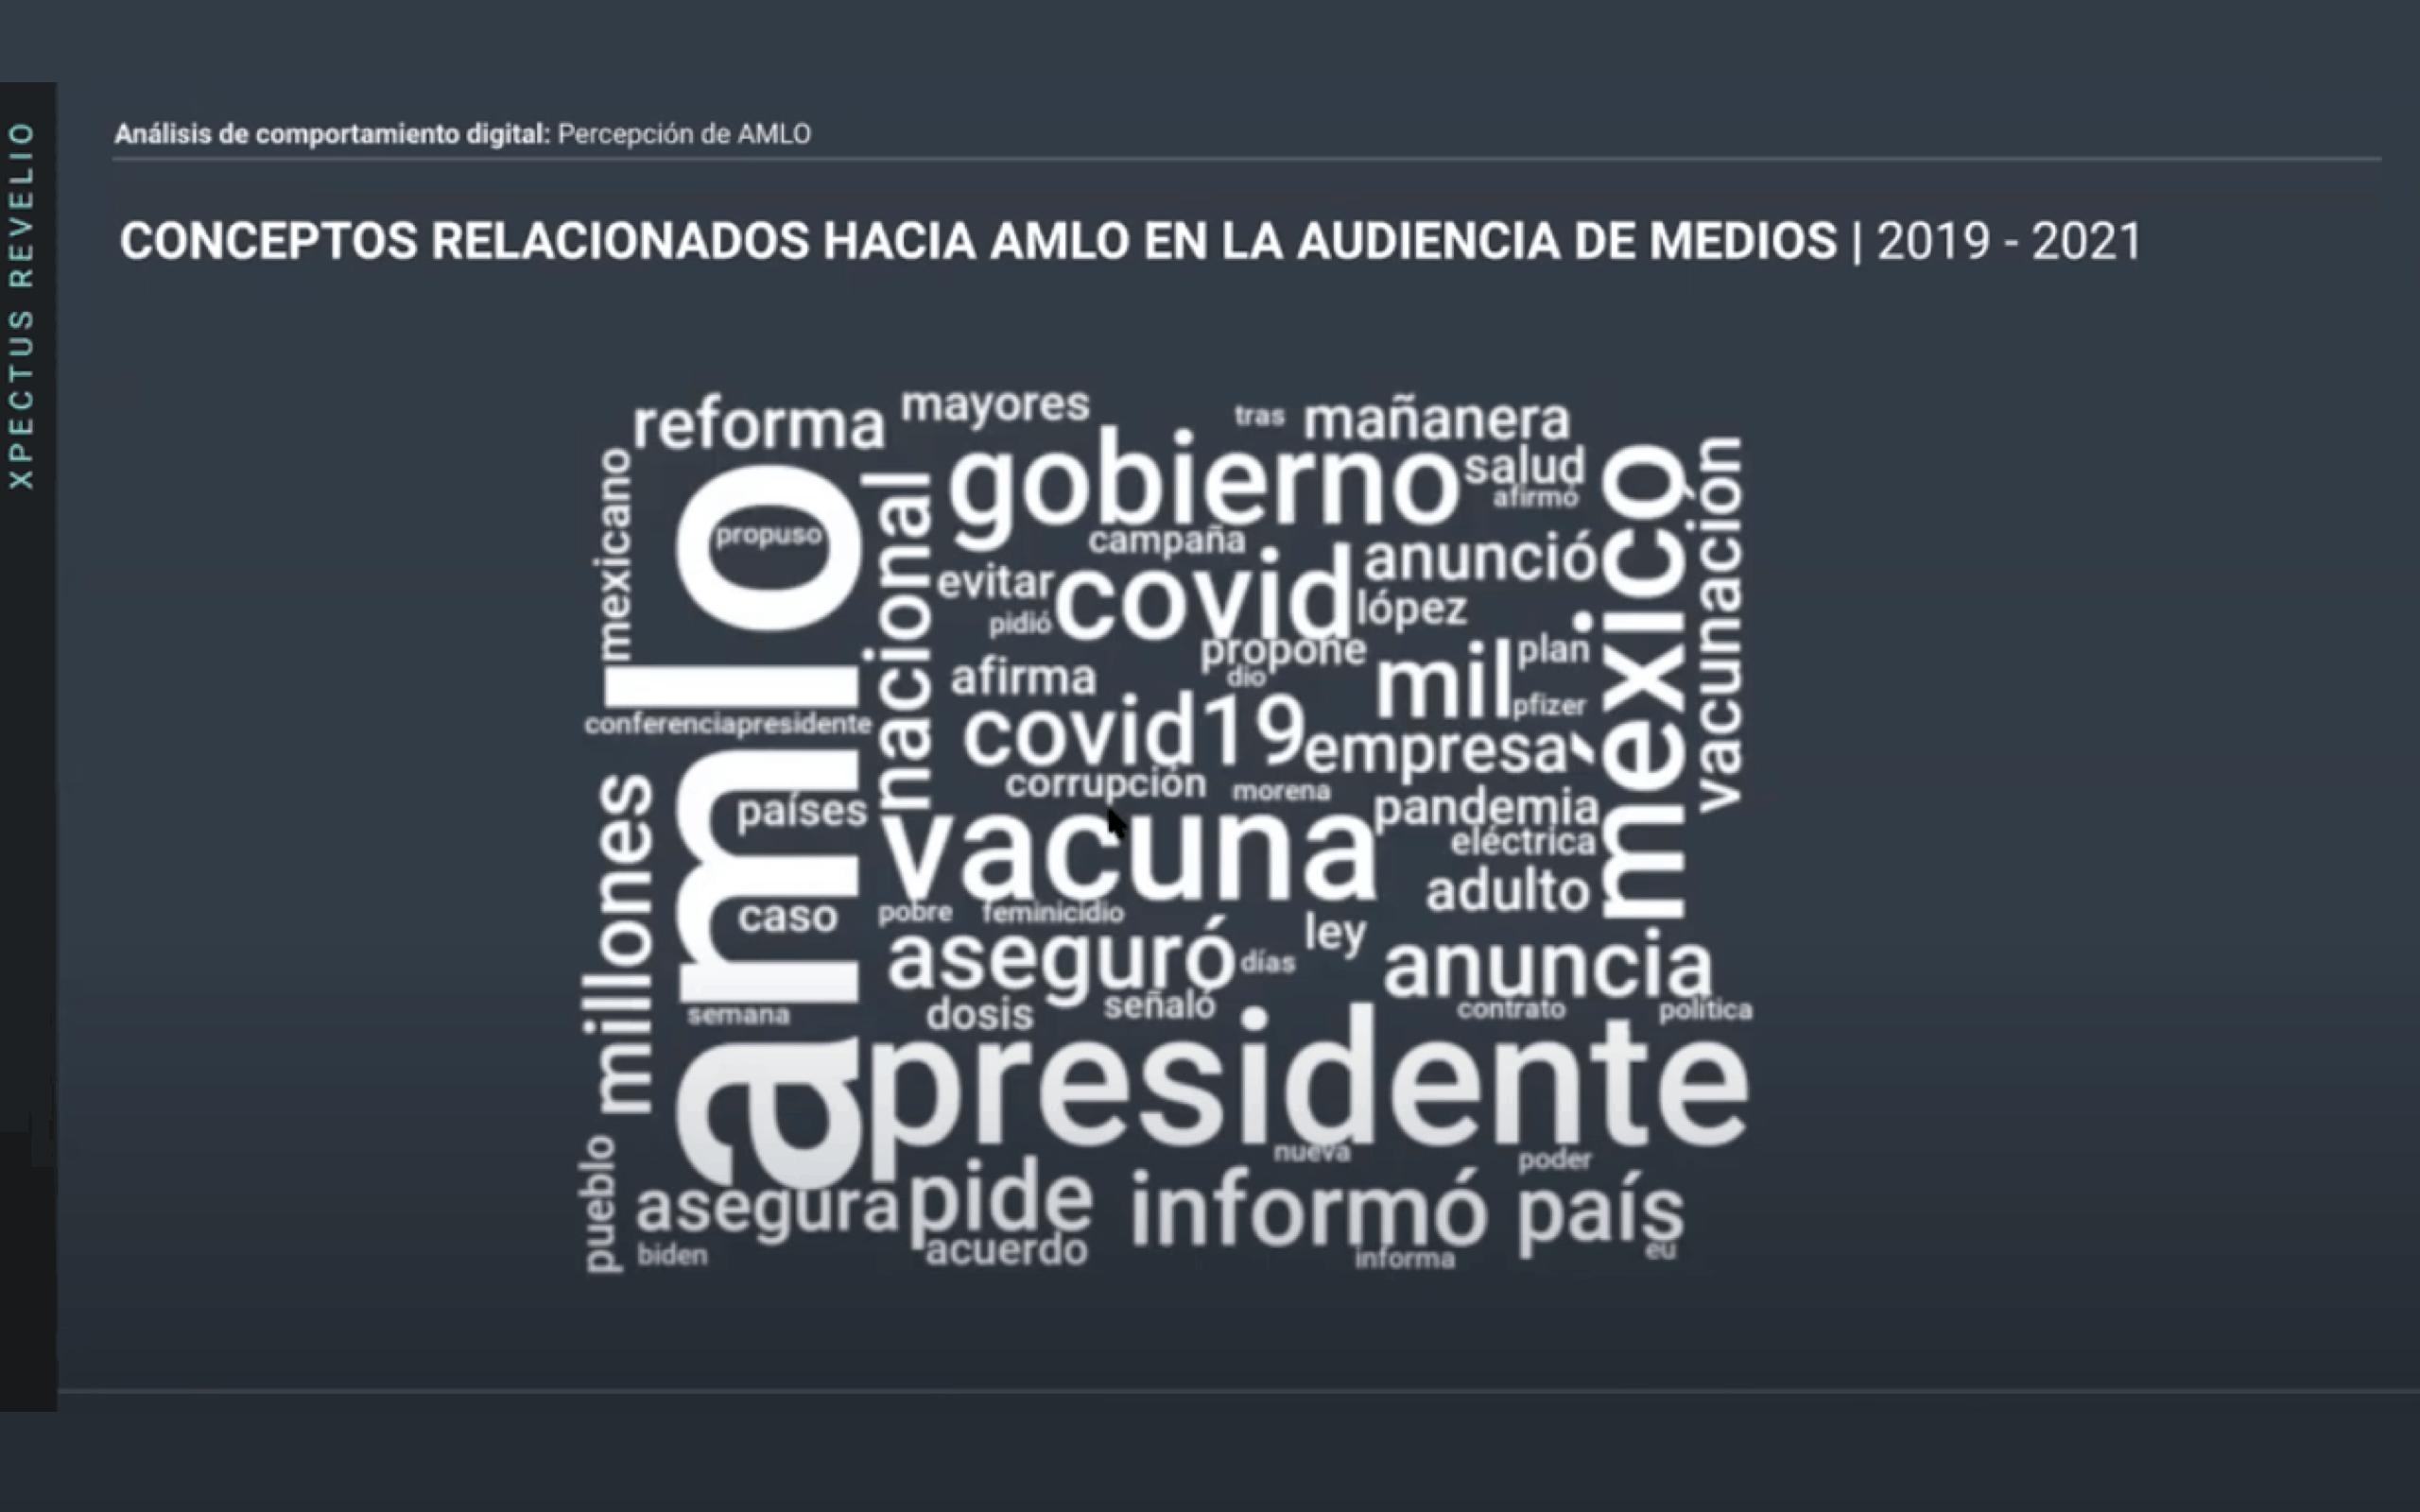 Metrics - AMLO, Análisis conversación digital, Conversación digital, percepción de amlo